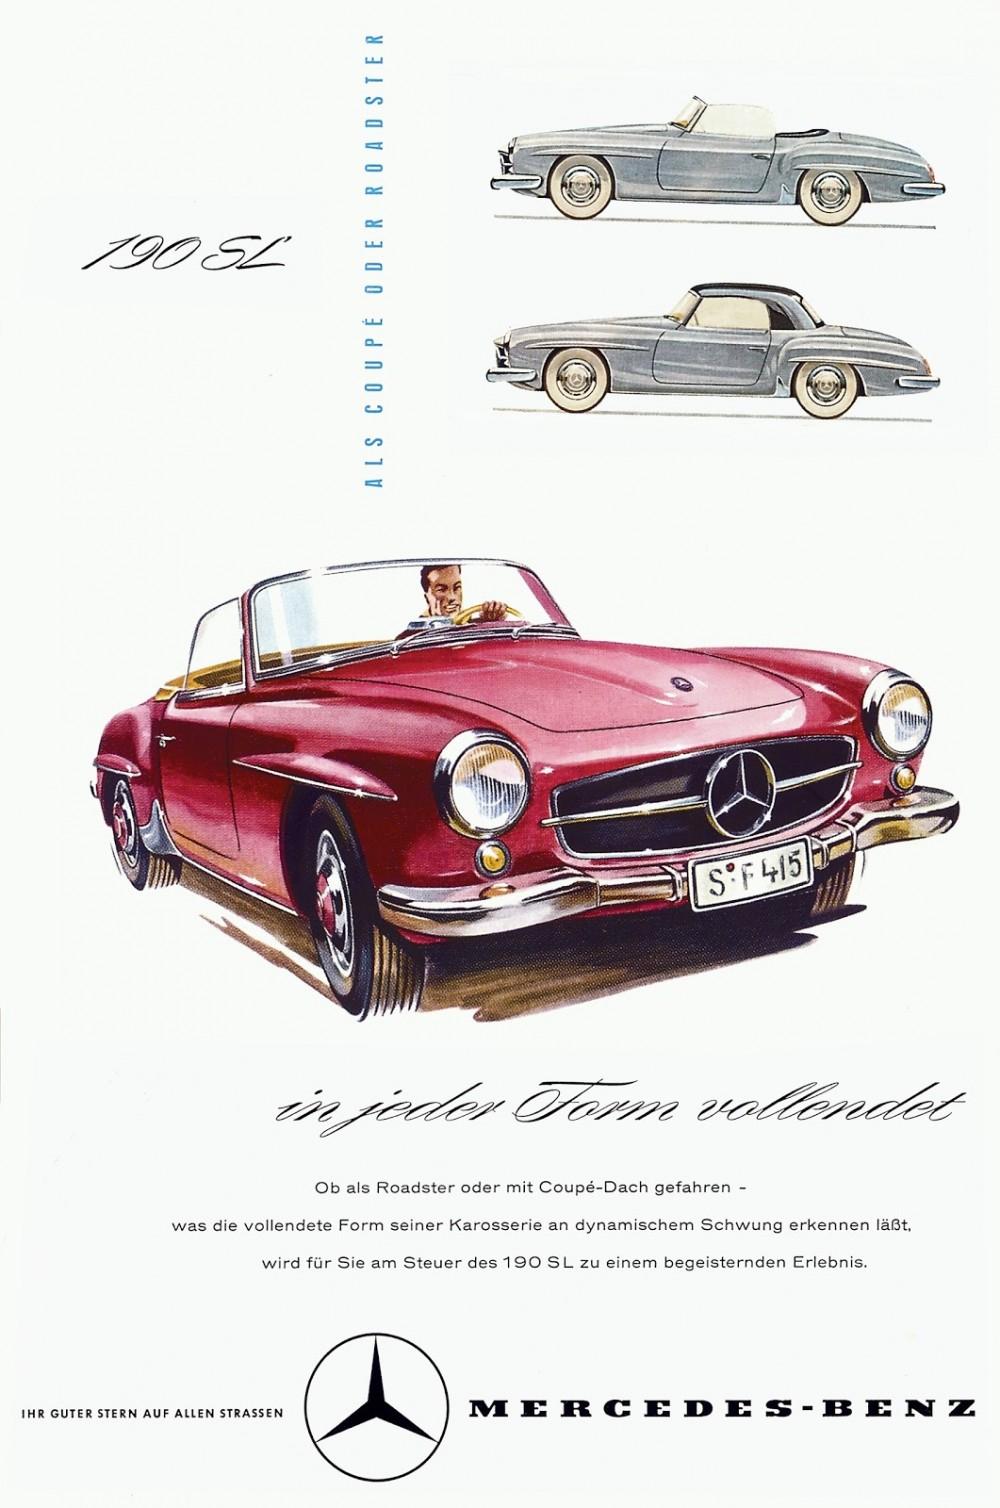 1956-Mercedes-Benz-190-SL-in-jeder-Form-vollendet-1000x1508.jpg